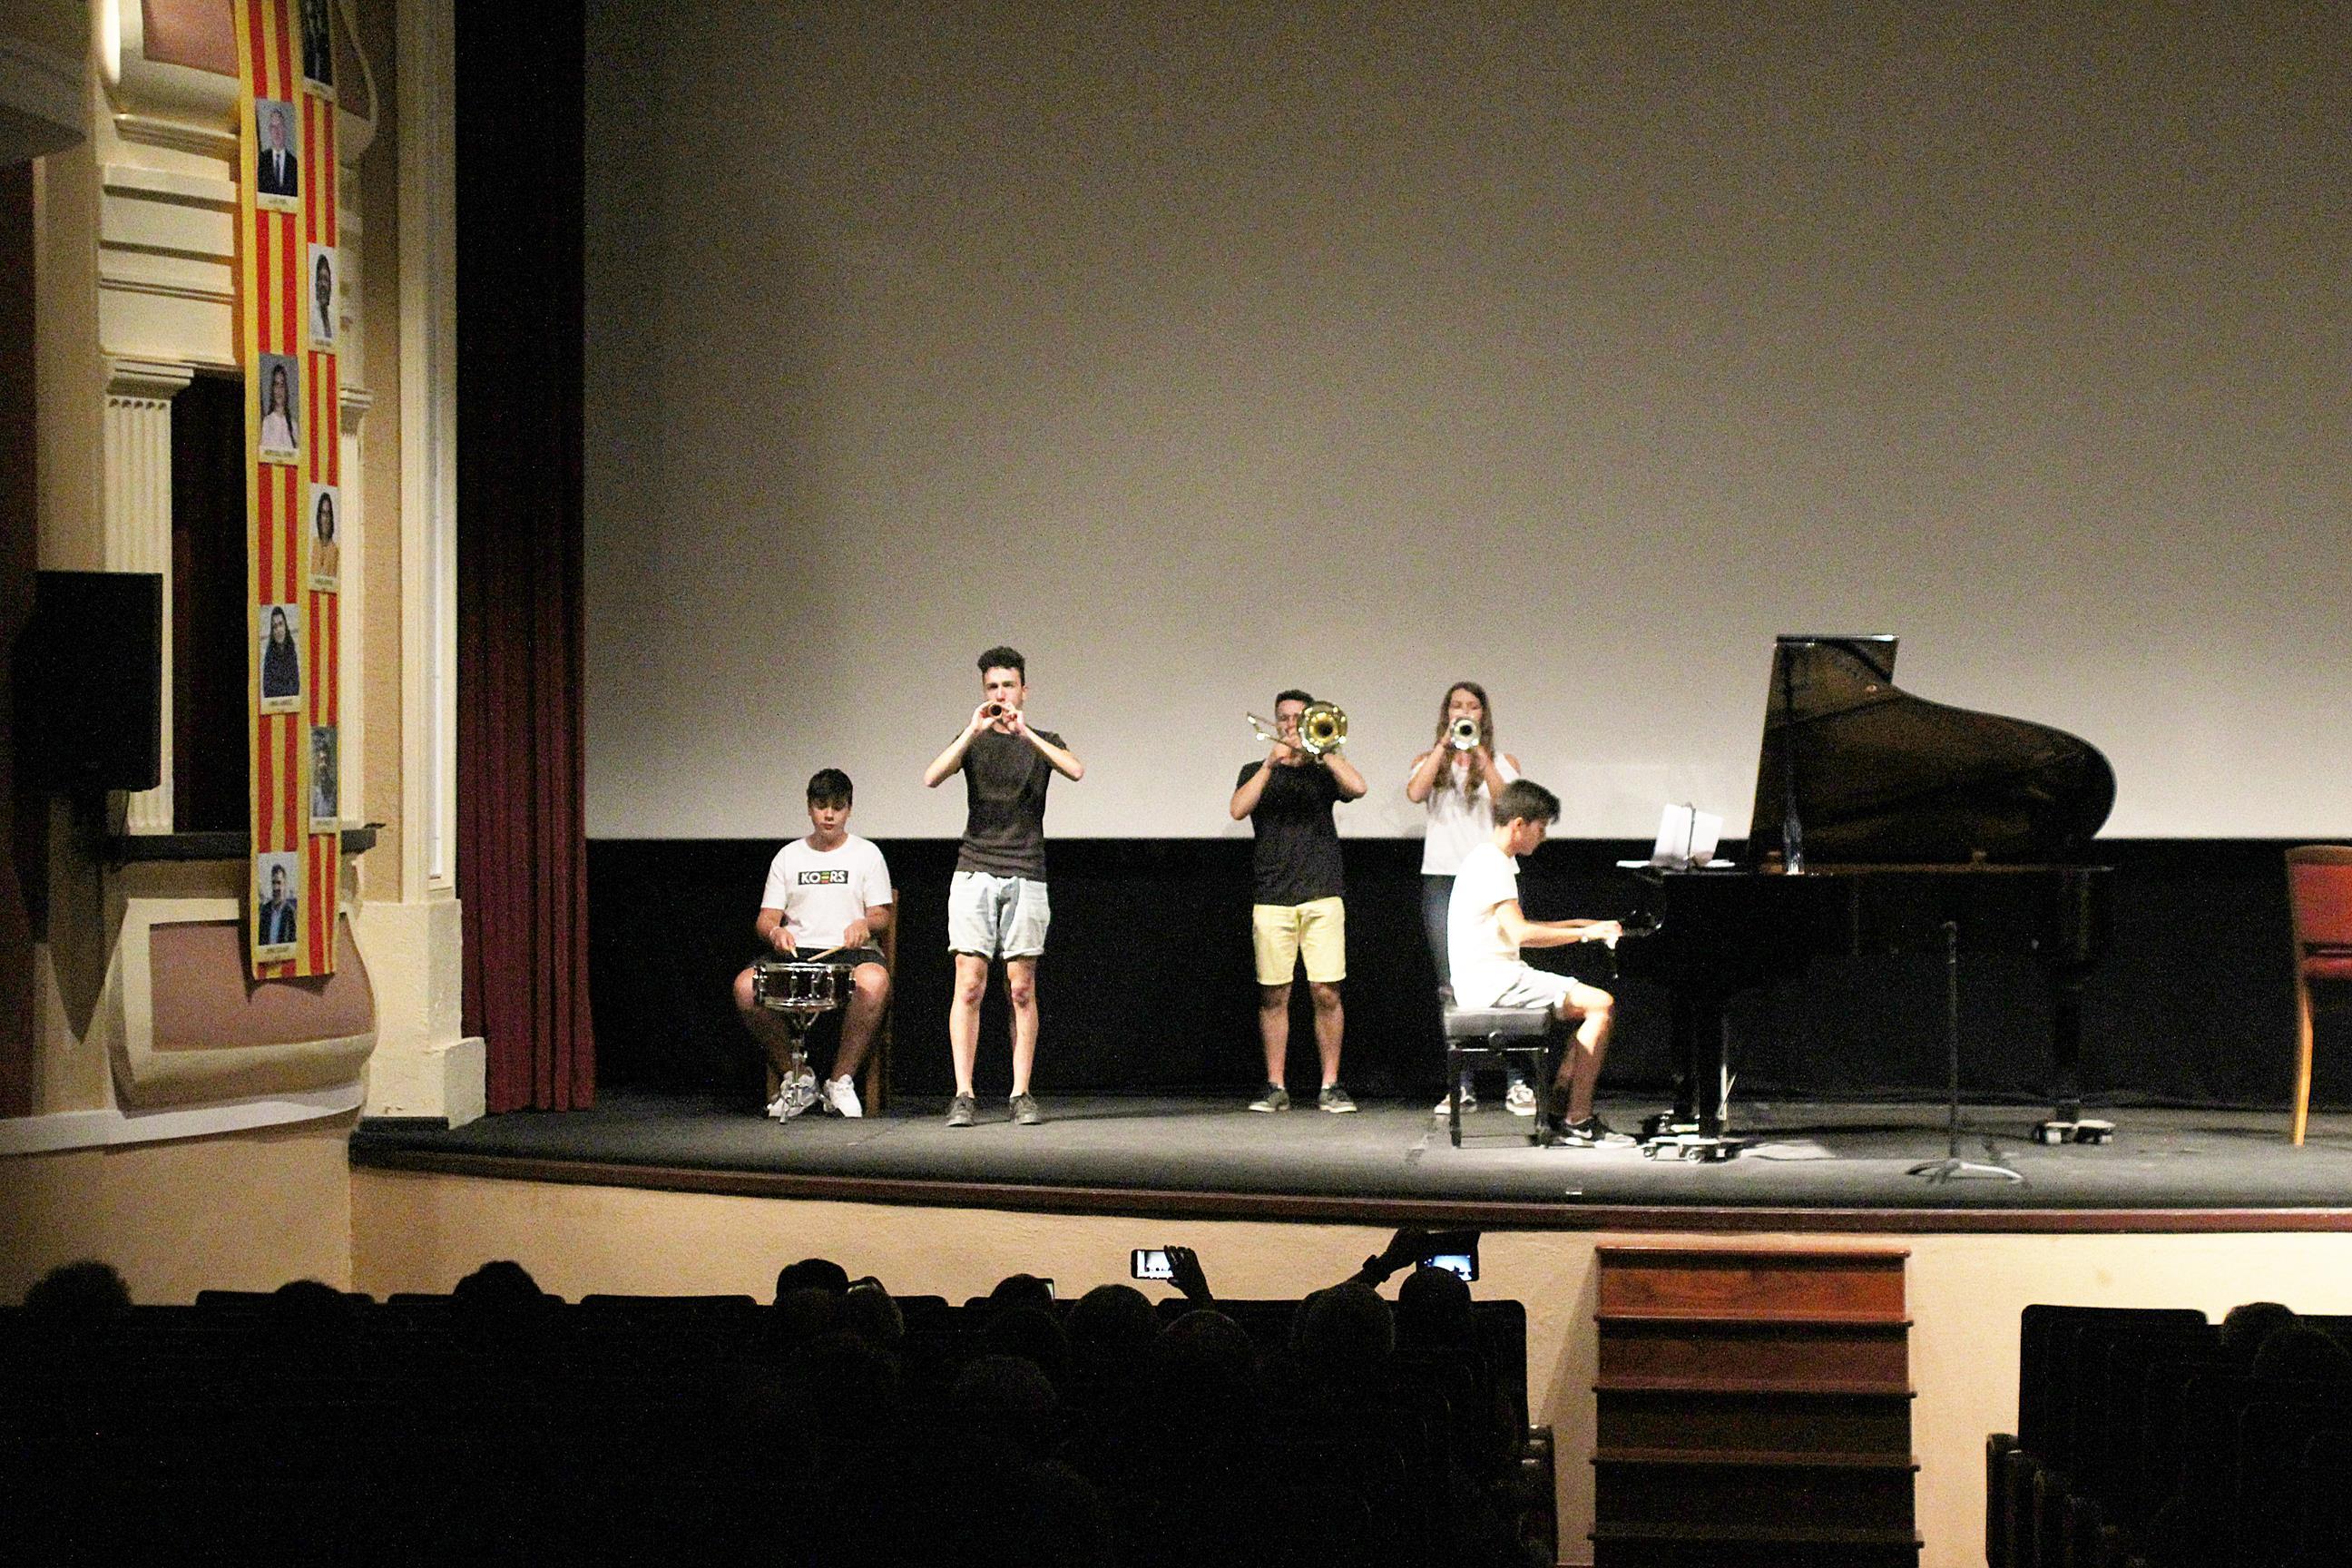 L'Orfeó Joventut de Bellpuig  organitza un concert per a recaptar fons  per l'ONG Open Arms